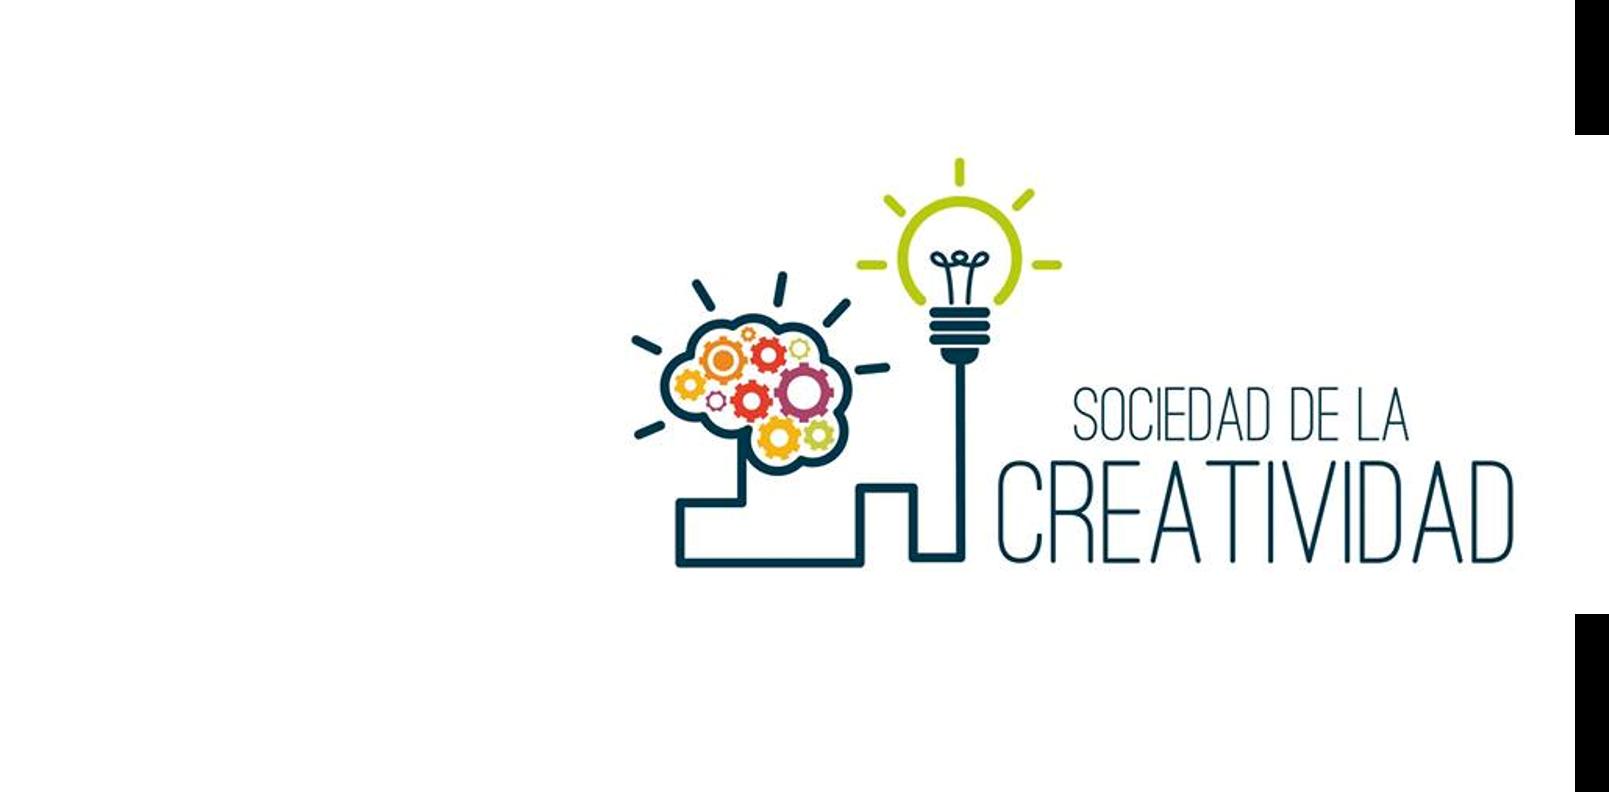 Logo de evento Sociedad de la creatividad